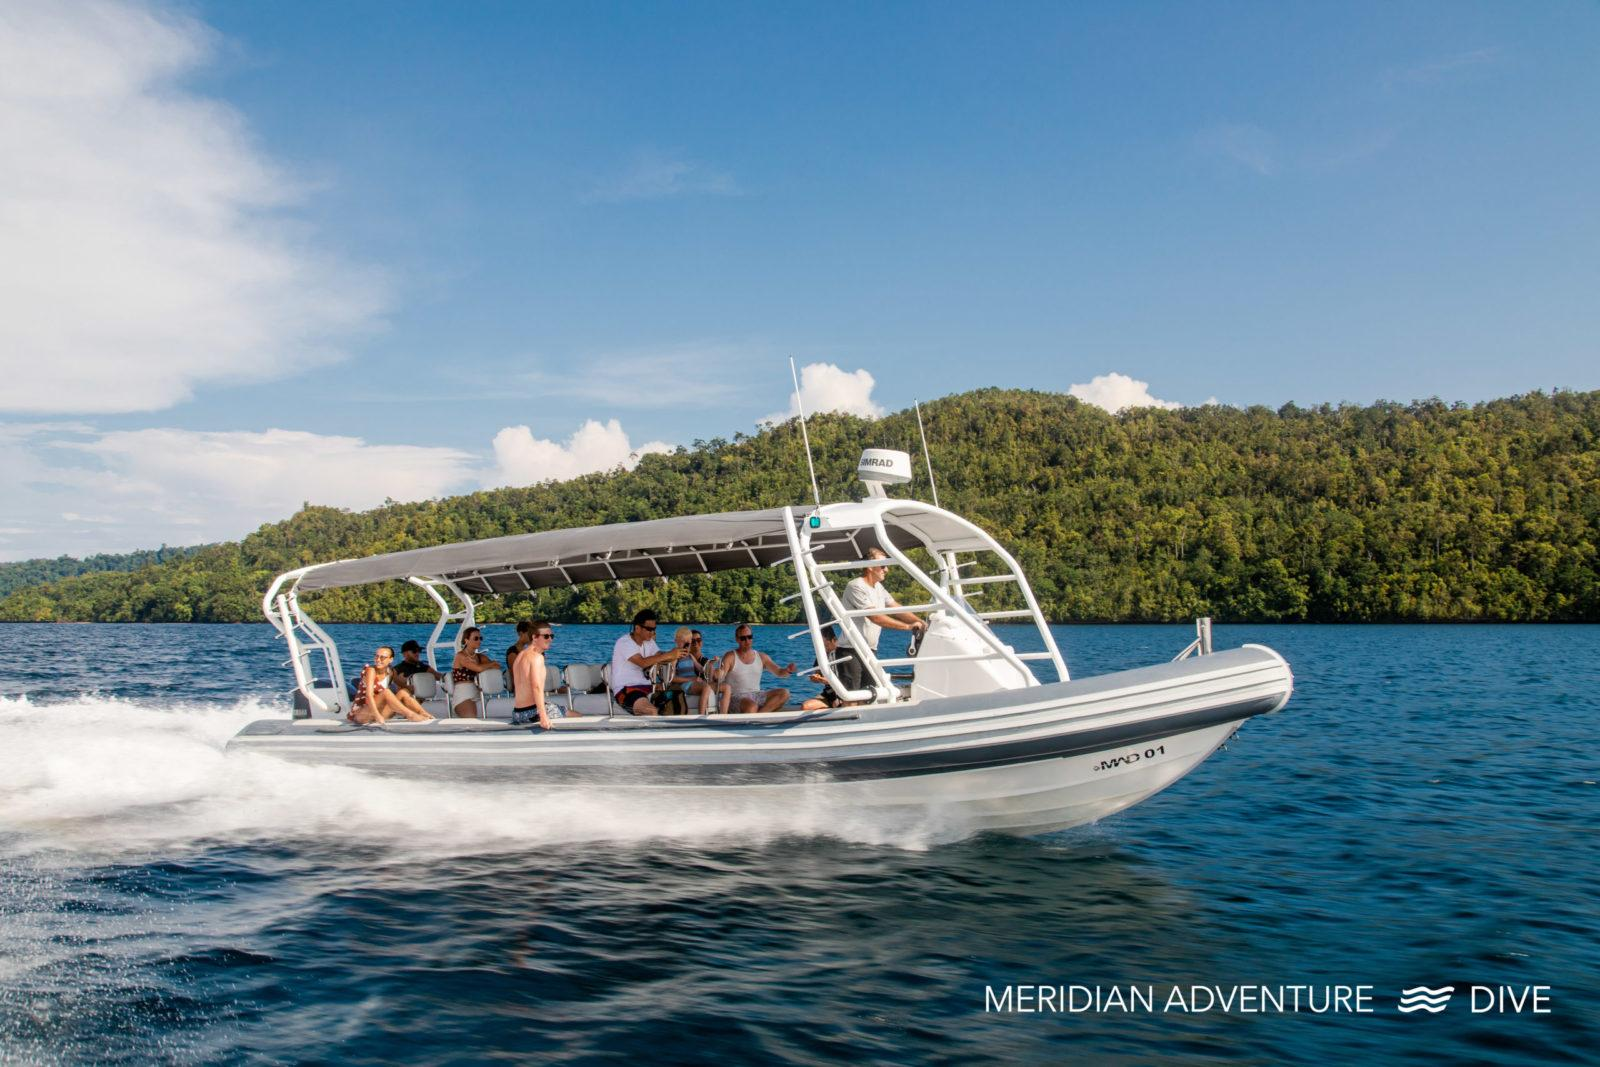 Raja Ampat Dive resort - Join Meridian Adventure Dive.